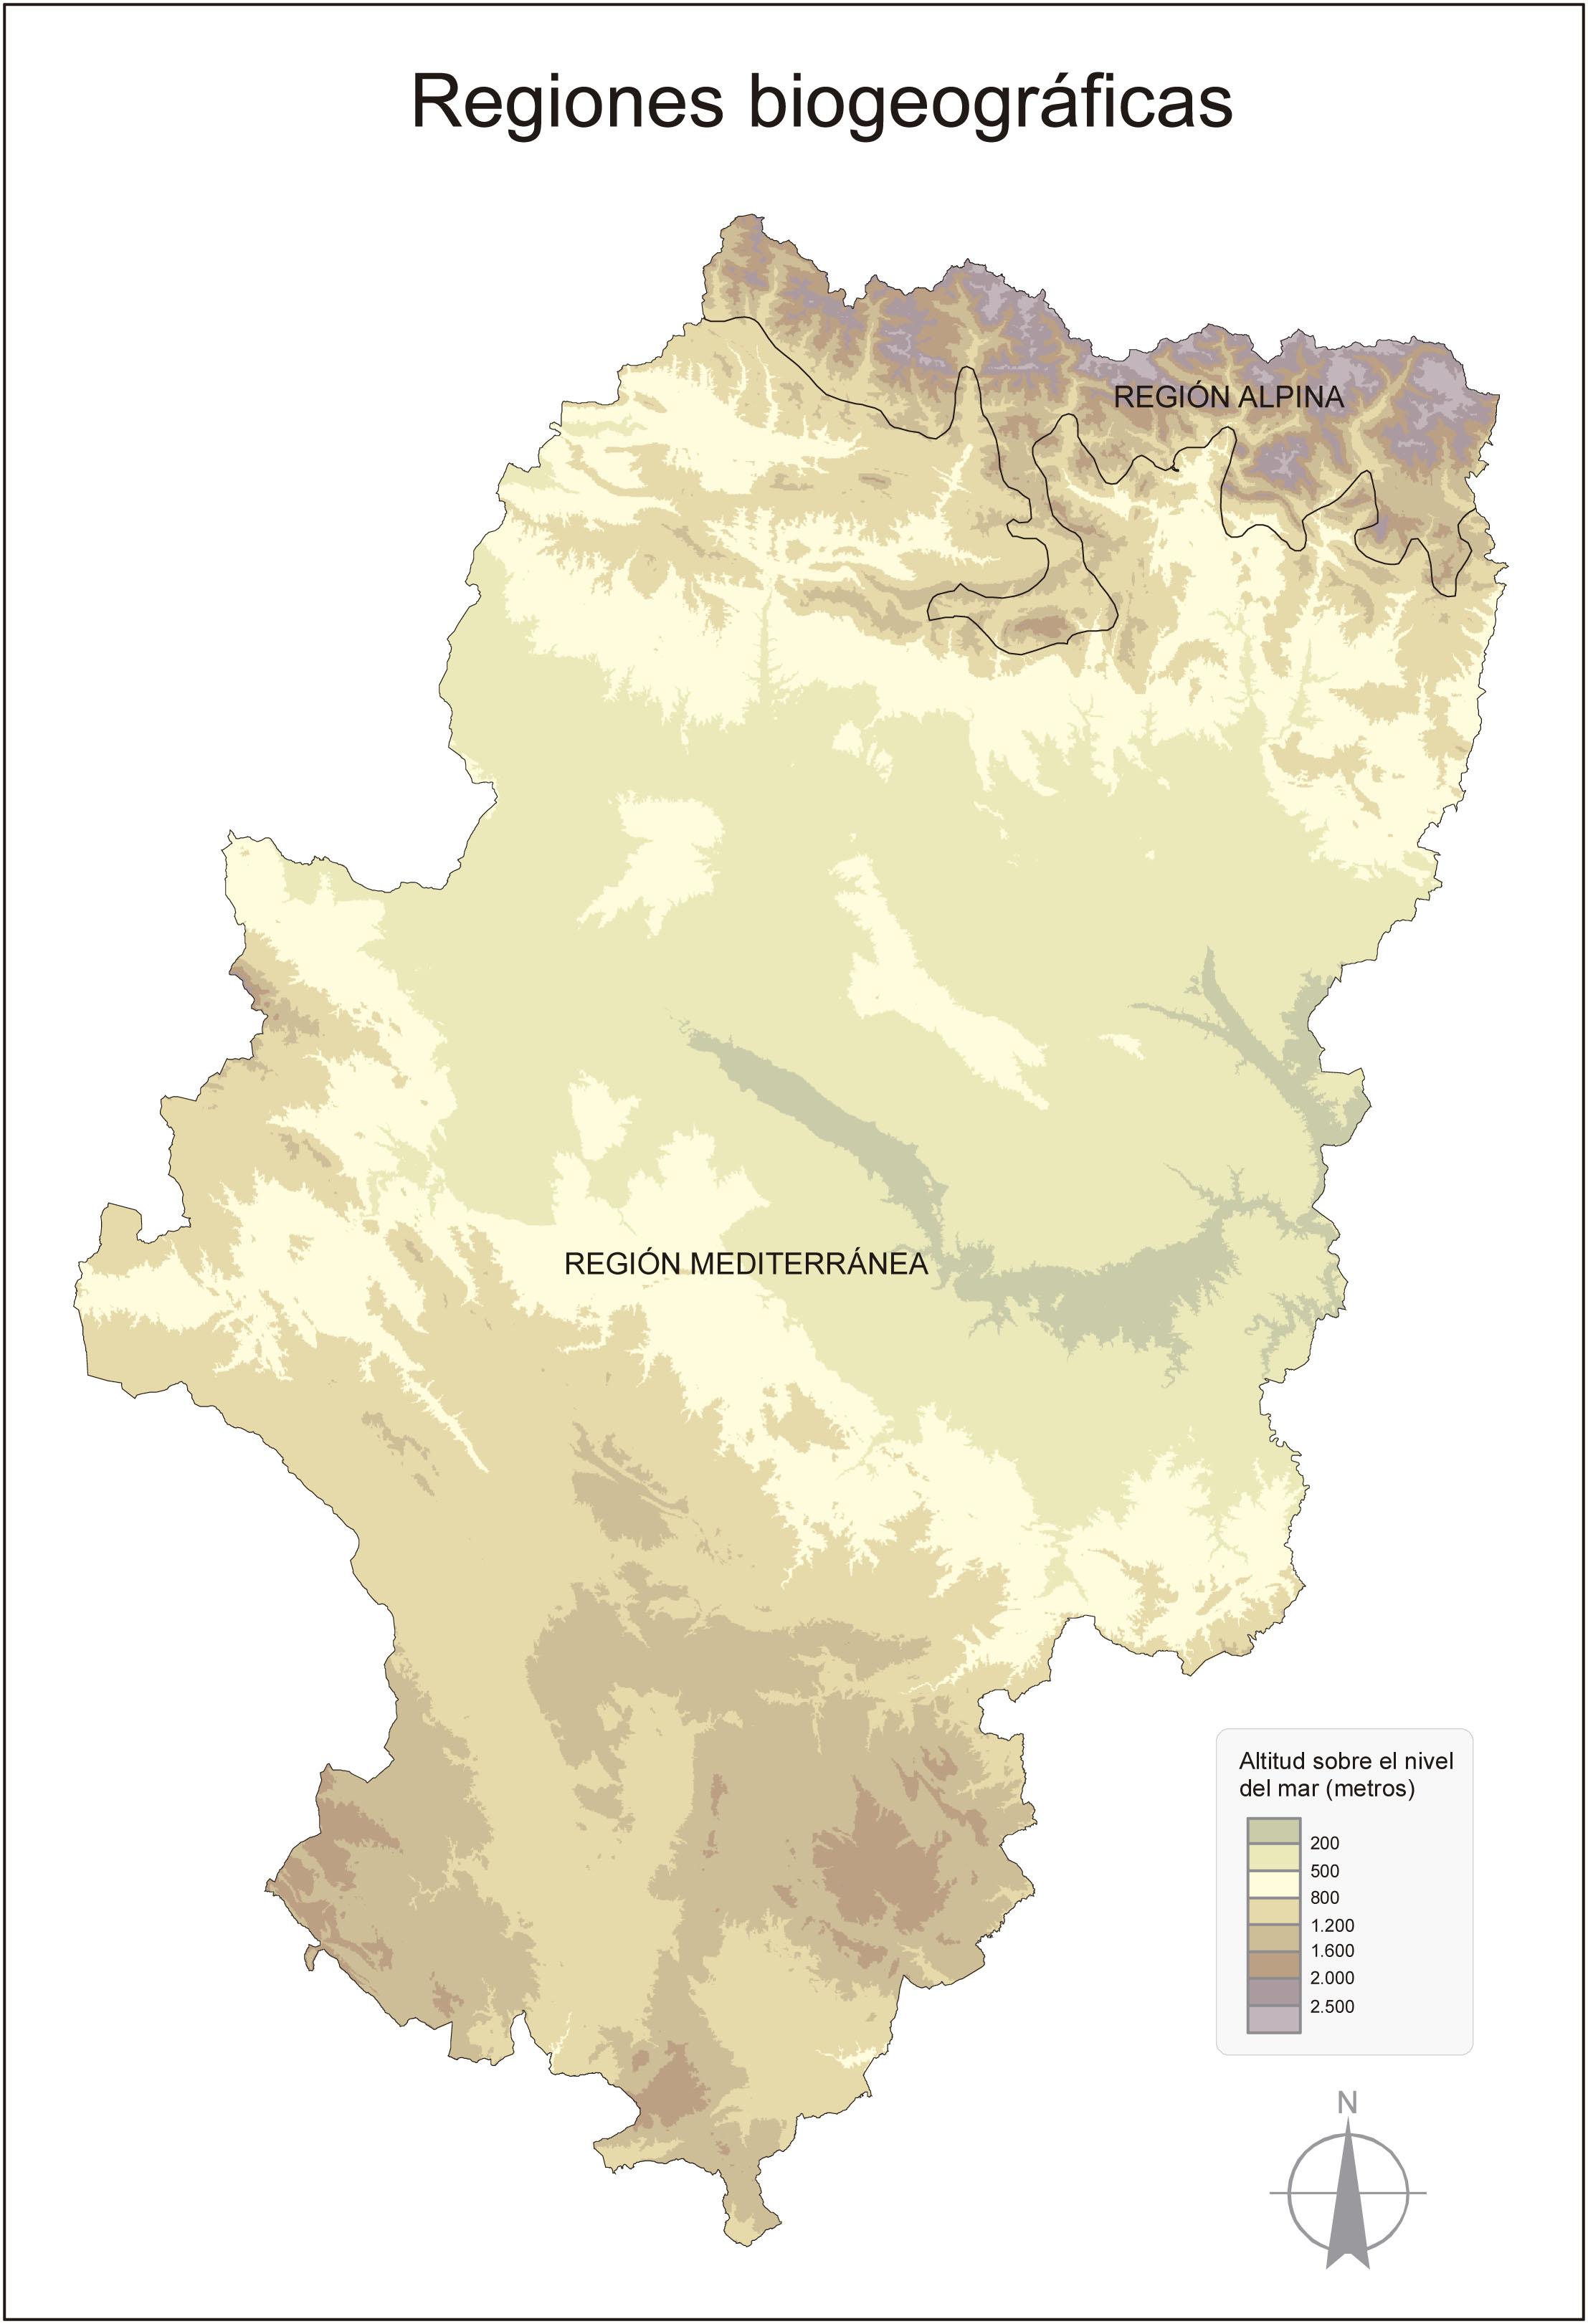 Regiones biogeográficas en Aragón